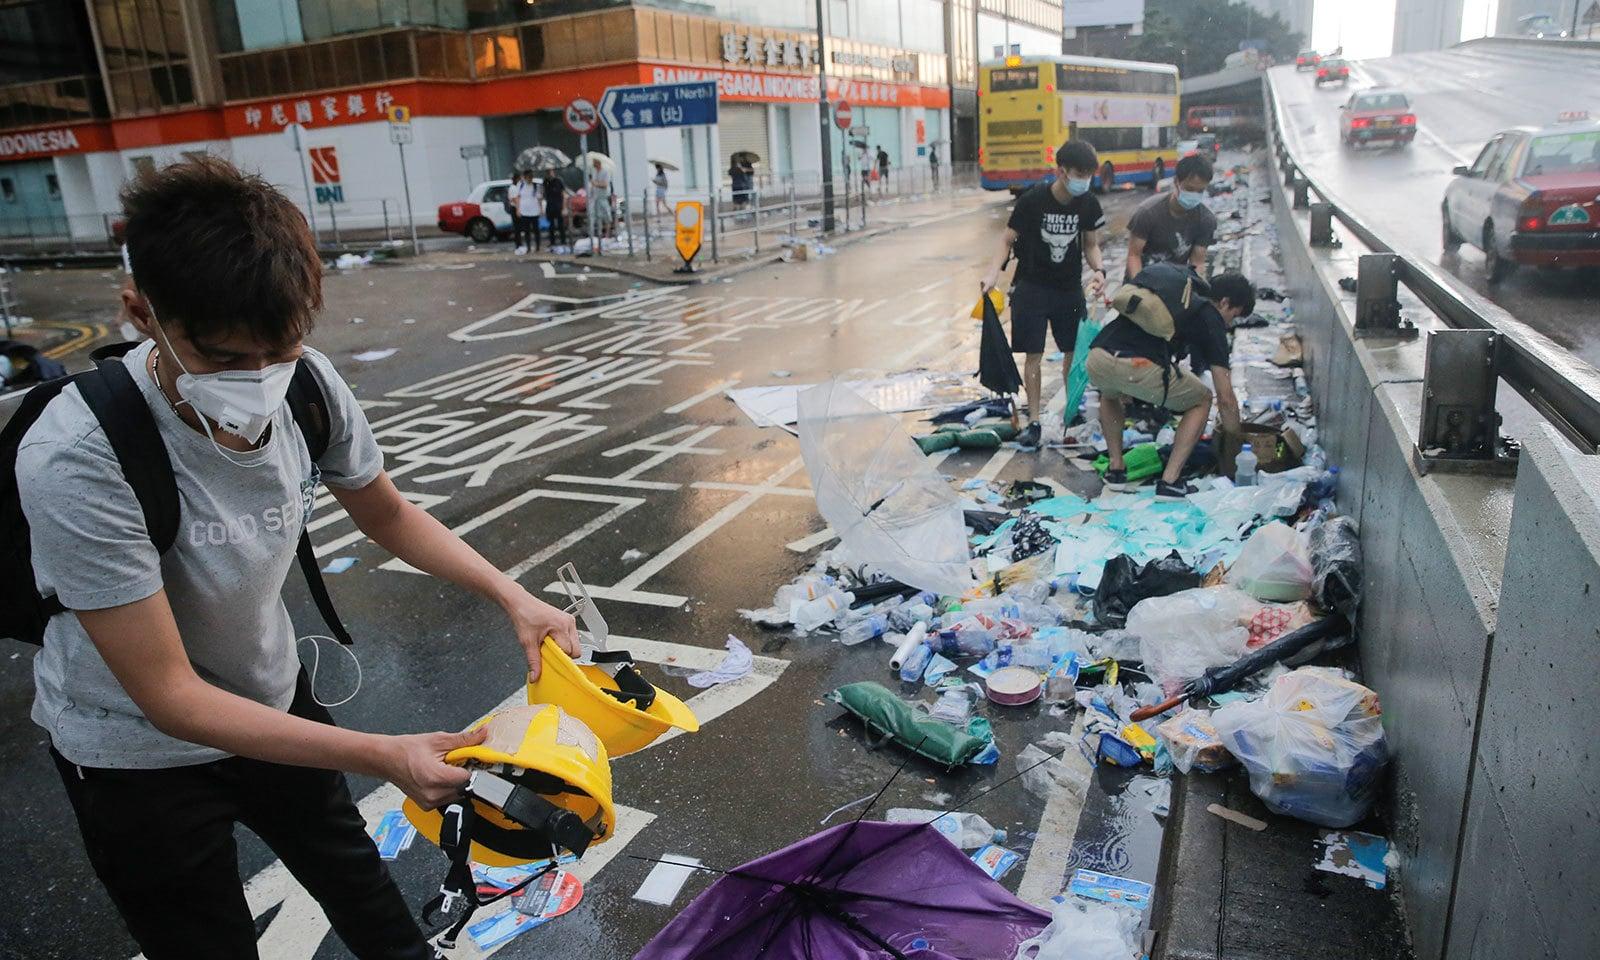 متنازع قانون کے خلاف احتجاج   کے باعث شہر میں کچرے کے ڈھیر موجود ہیں — فوٹو: رائٹرز